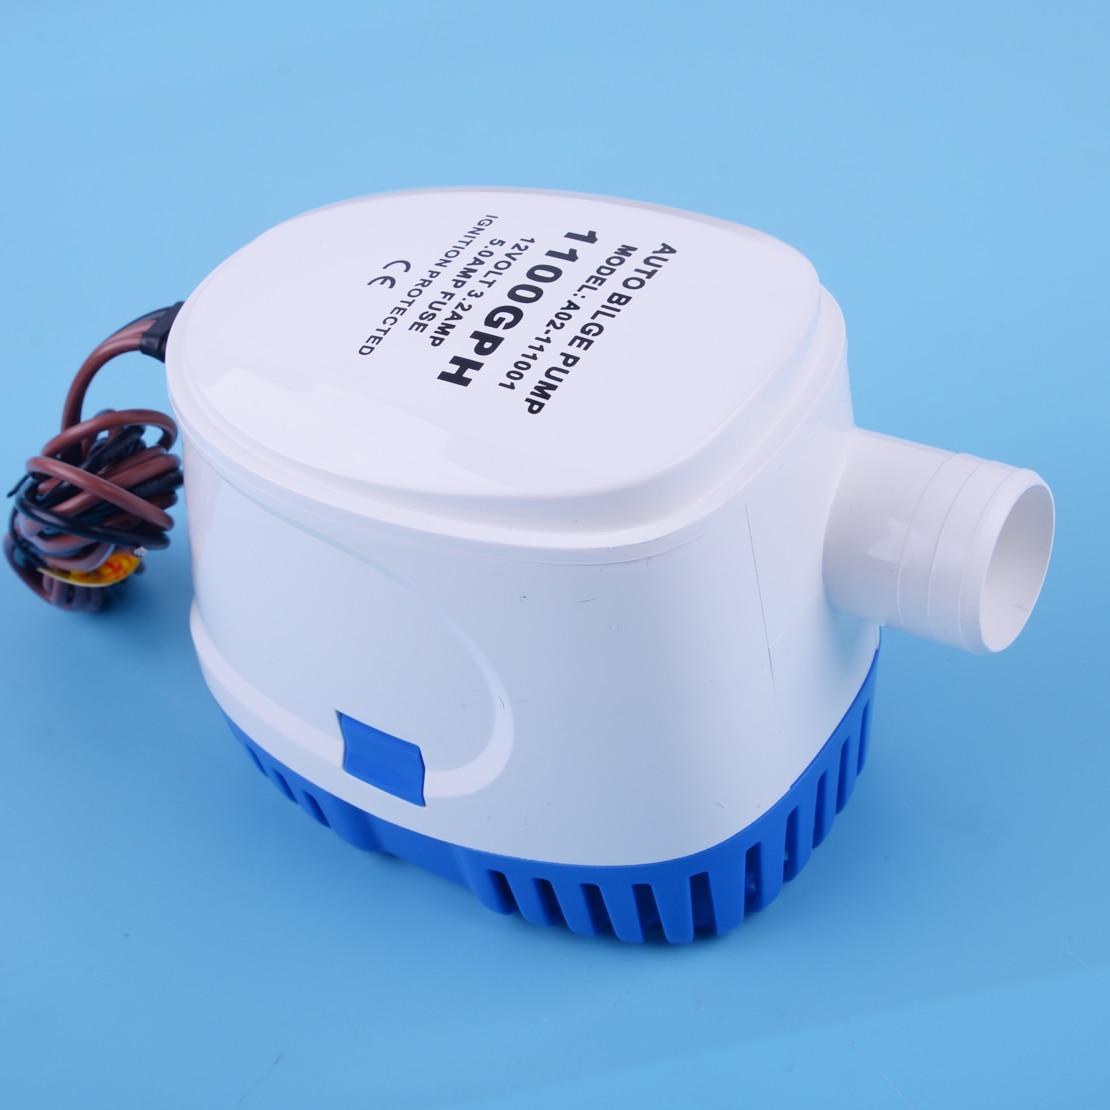 Pompe à eau automatique Submersible automatique de cale de CITALL 12 V 1100GPH 3.2A avec le commutateur de flotteur pour les coques marines de bateau/réservoirs d'appât de cale